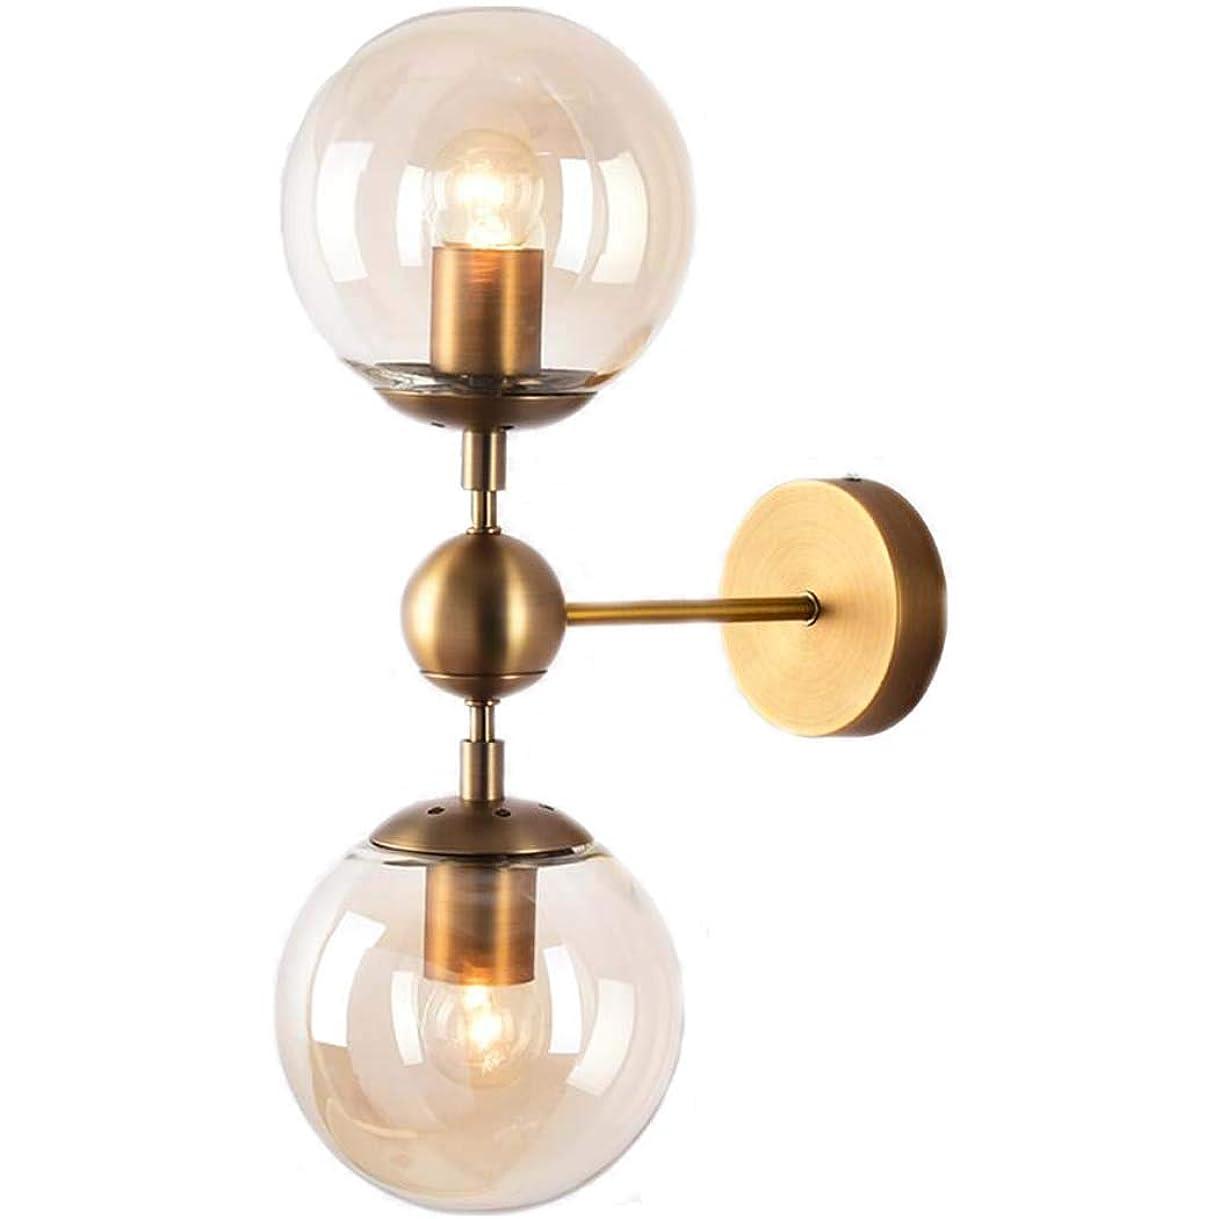 化学者トランクシニスマジックビーンウォールランプ、ガラス玉ランプシェード付き北欧クリエイティブアイアンウォールライト、ベッドルームベッドサイドランプミラーヘッドライト、E27 (Color : B)